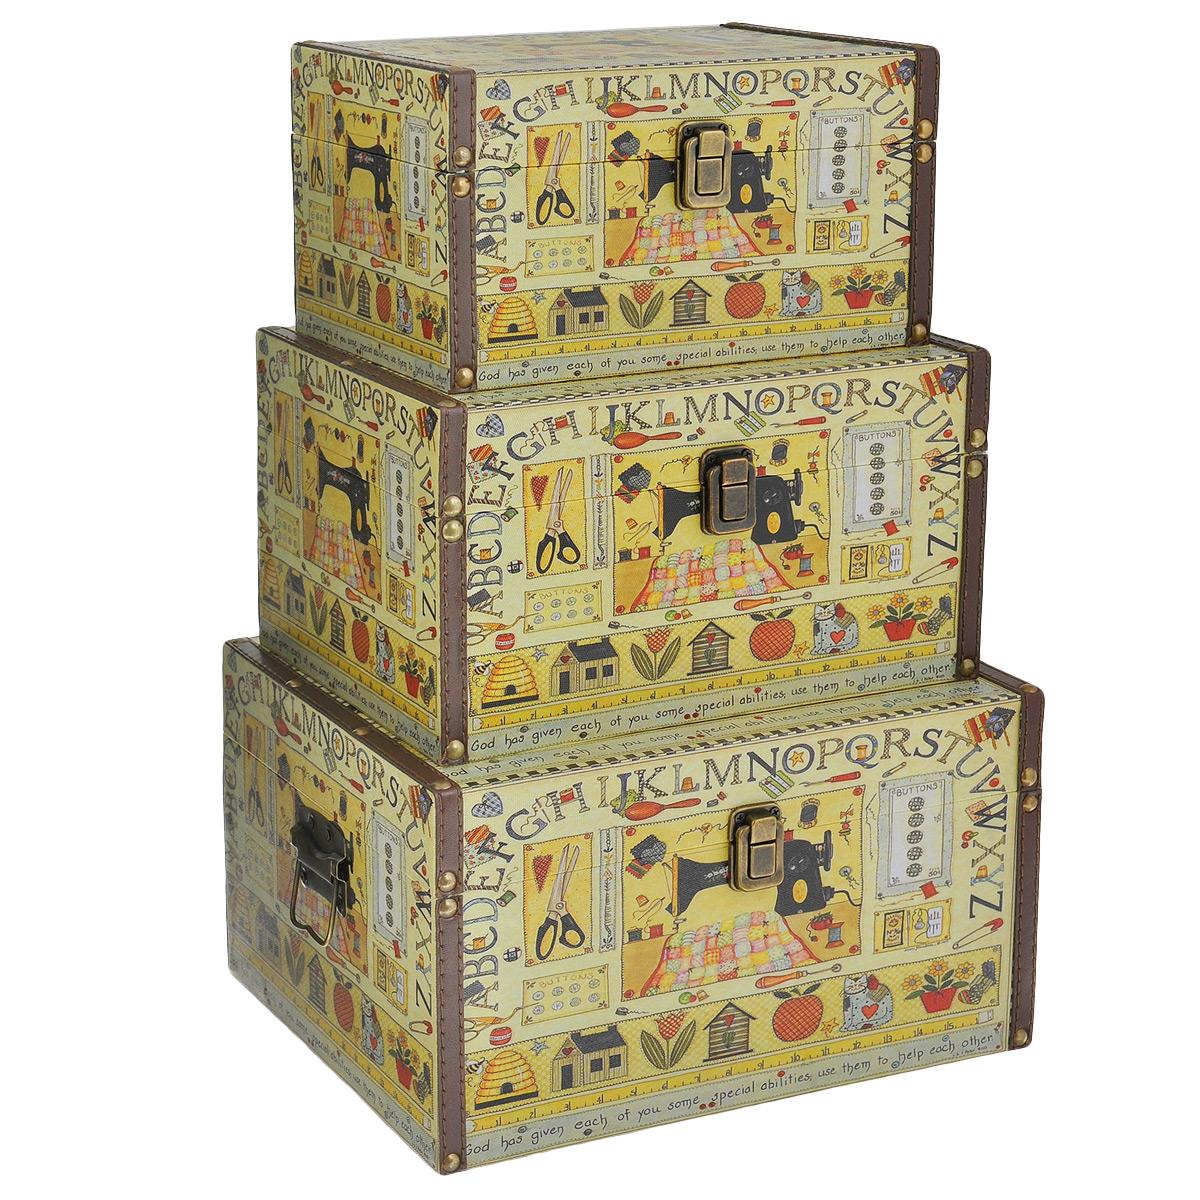 Набор шкатулок для рукоделия Ручная работа, цвет: желтый, коричневый, красный, 3 штTL3976R6Набор Ручная работа состоит из трех шкатулок разного размера, изготовленных из МДФ, картона и холщовой ткани и оснащенных крышками. Изделия декорированы изображением швейной машинки и других предметов для шитья. Крышки закрываются на металлический замок-защелку. Внутри изделия обтянуты тканью коричневого цвета. Самая большая шкатулка имеет по бокам две металлические ручки для удобной переноски. Изящные шкатулки с ярким дизайном, складывающиеся одна в другую, предназначены для хранения мелочей, принадлежностей для шитья и творчества и других аксессуаров. Они красиво оформят интерьер комнаты и помогут хранить ваши вещи в порядке. Размер большой шкатулки: 30 см х 24 см х 17 см. Размер средней шкатулки: 27 см х 20 см х 15 см. Размер маленькой шкатулки: 24 см х 16 см х 13 см.